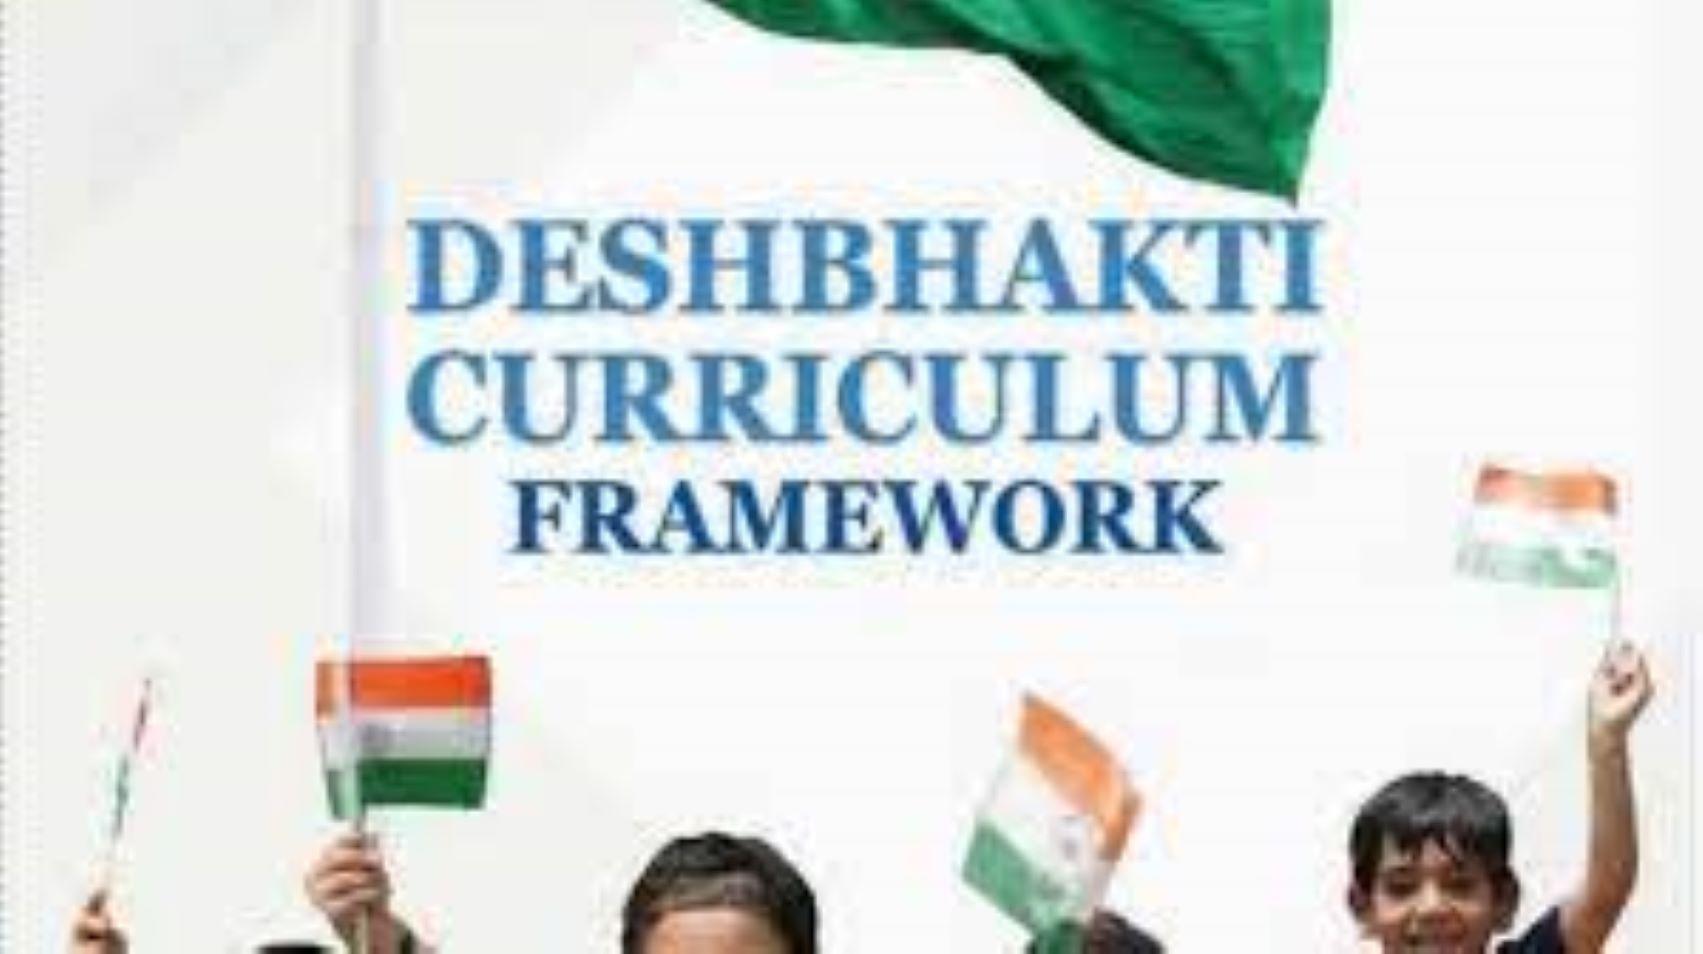 Deshbhakti Curriculum